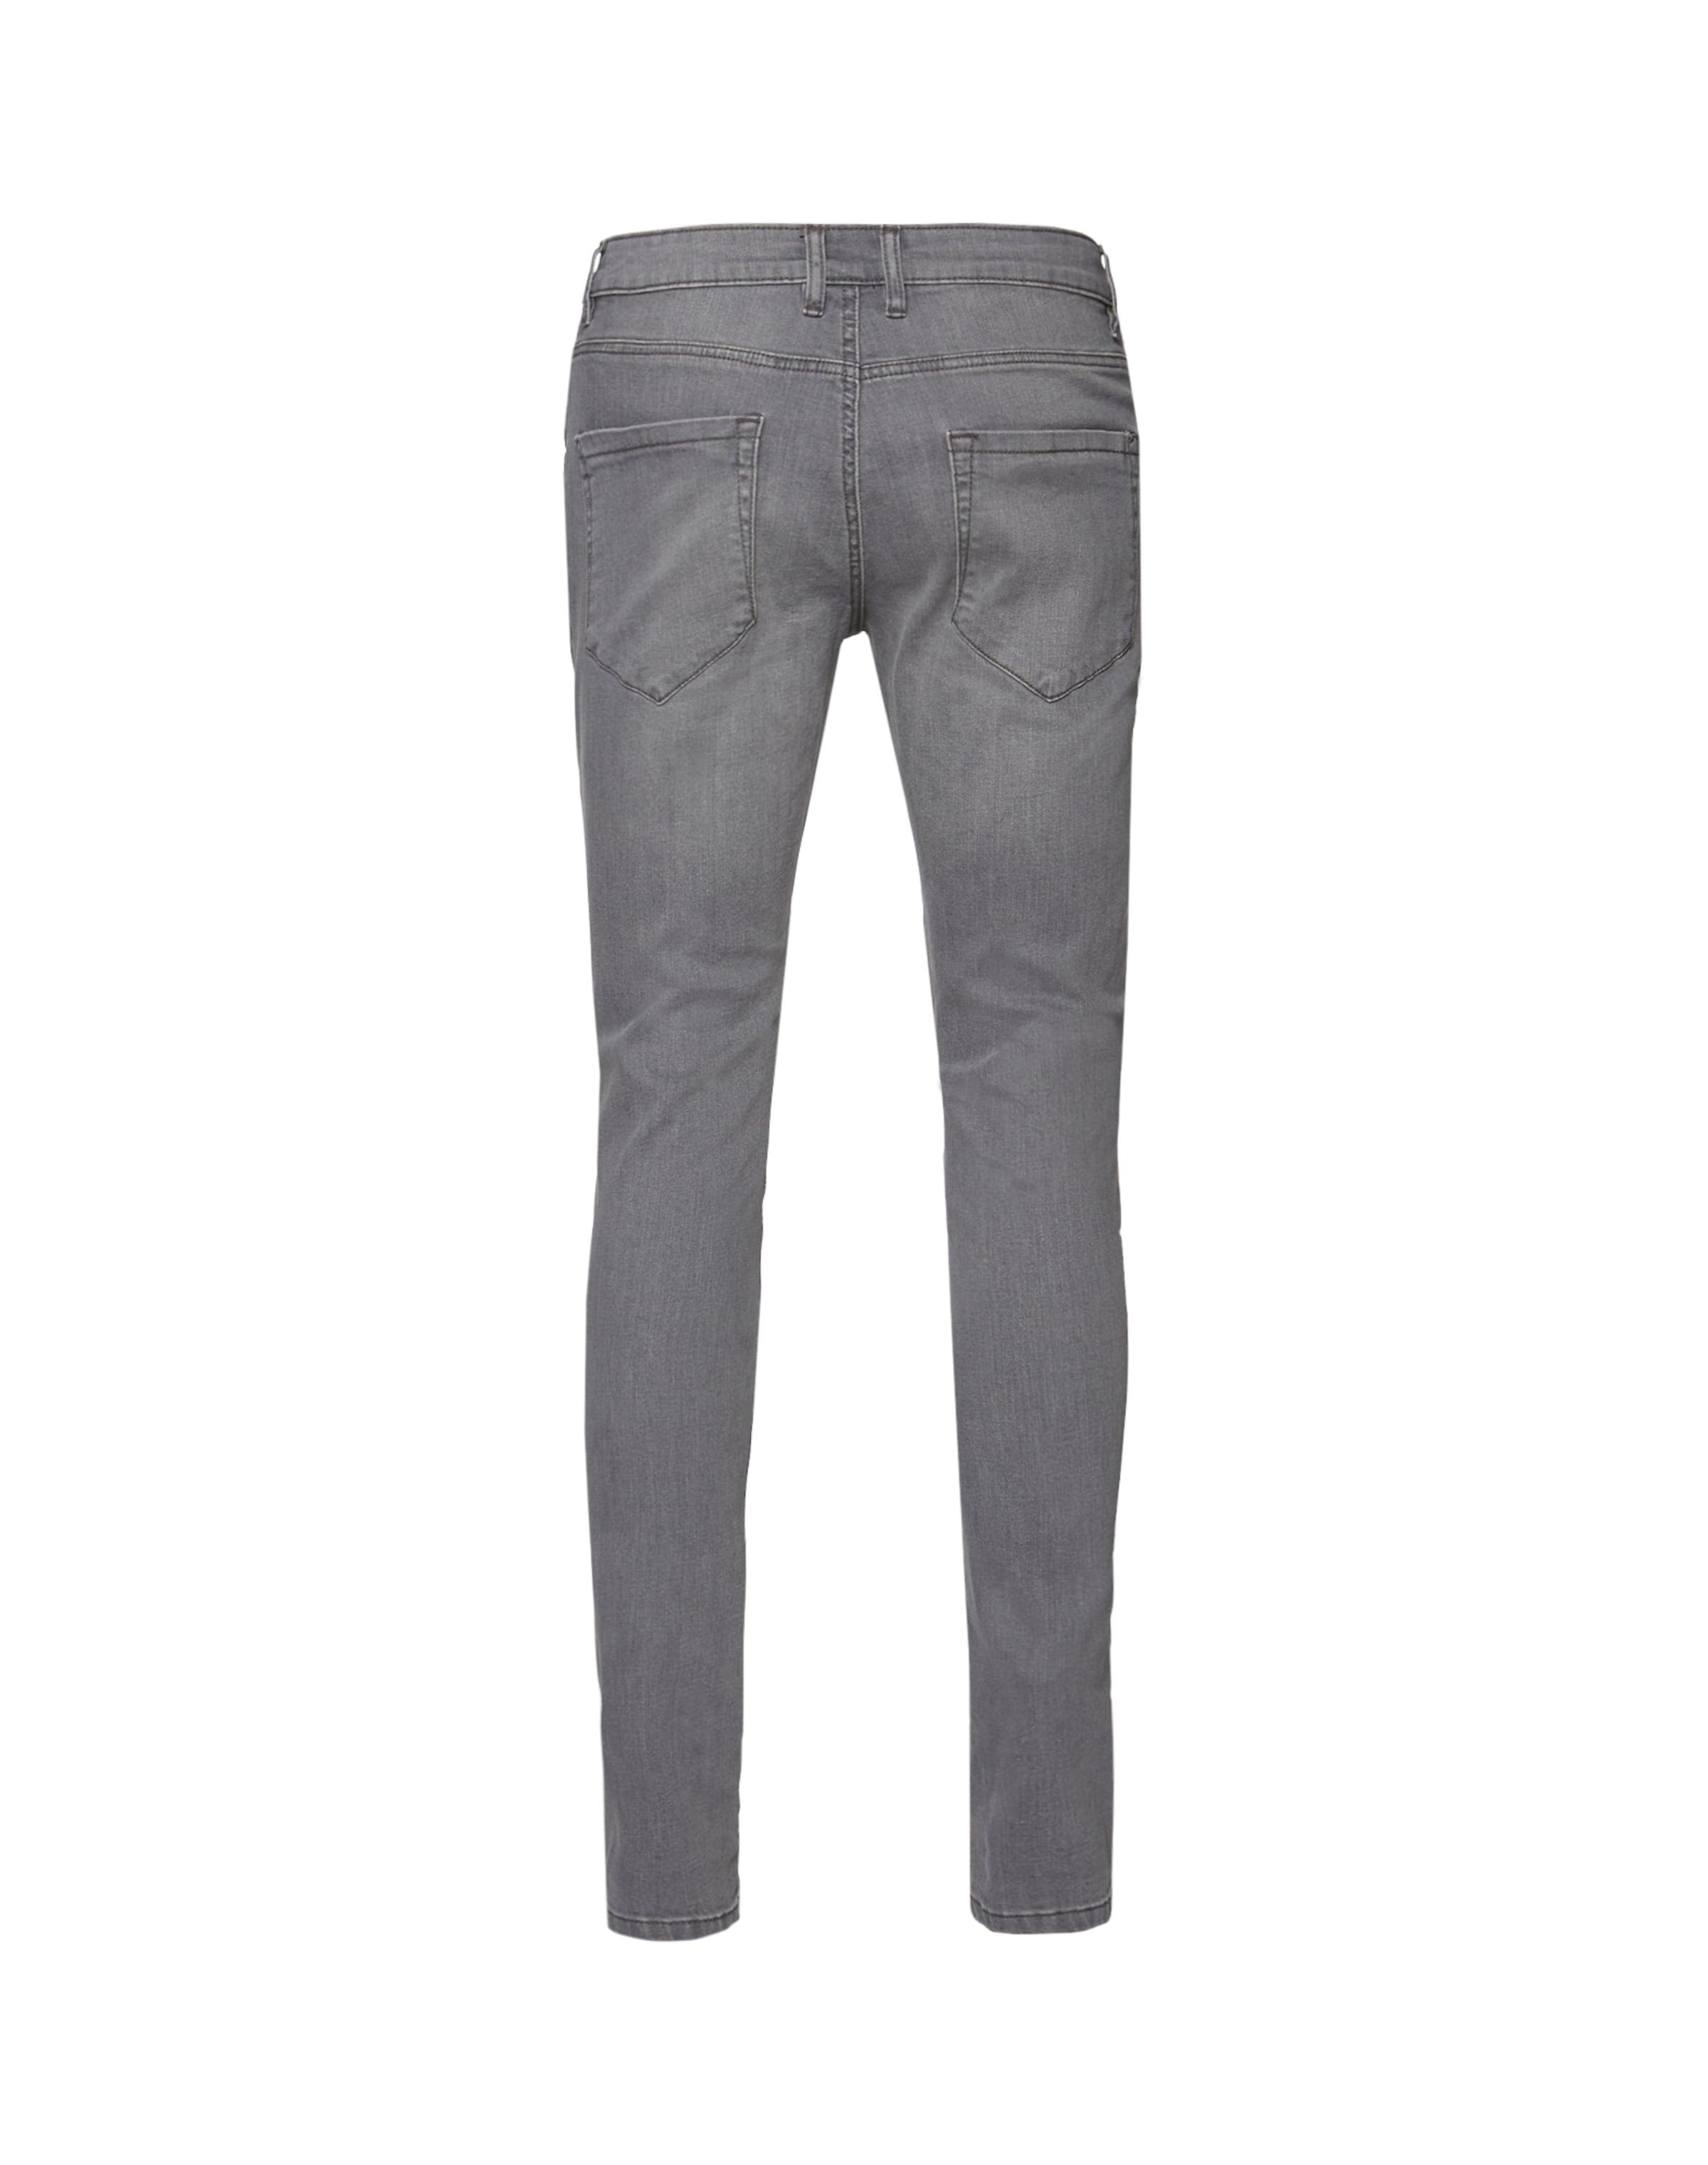 Slim Biker Classics Grey Urban In Denim Fit Jeans gYf6b7y